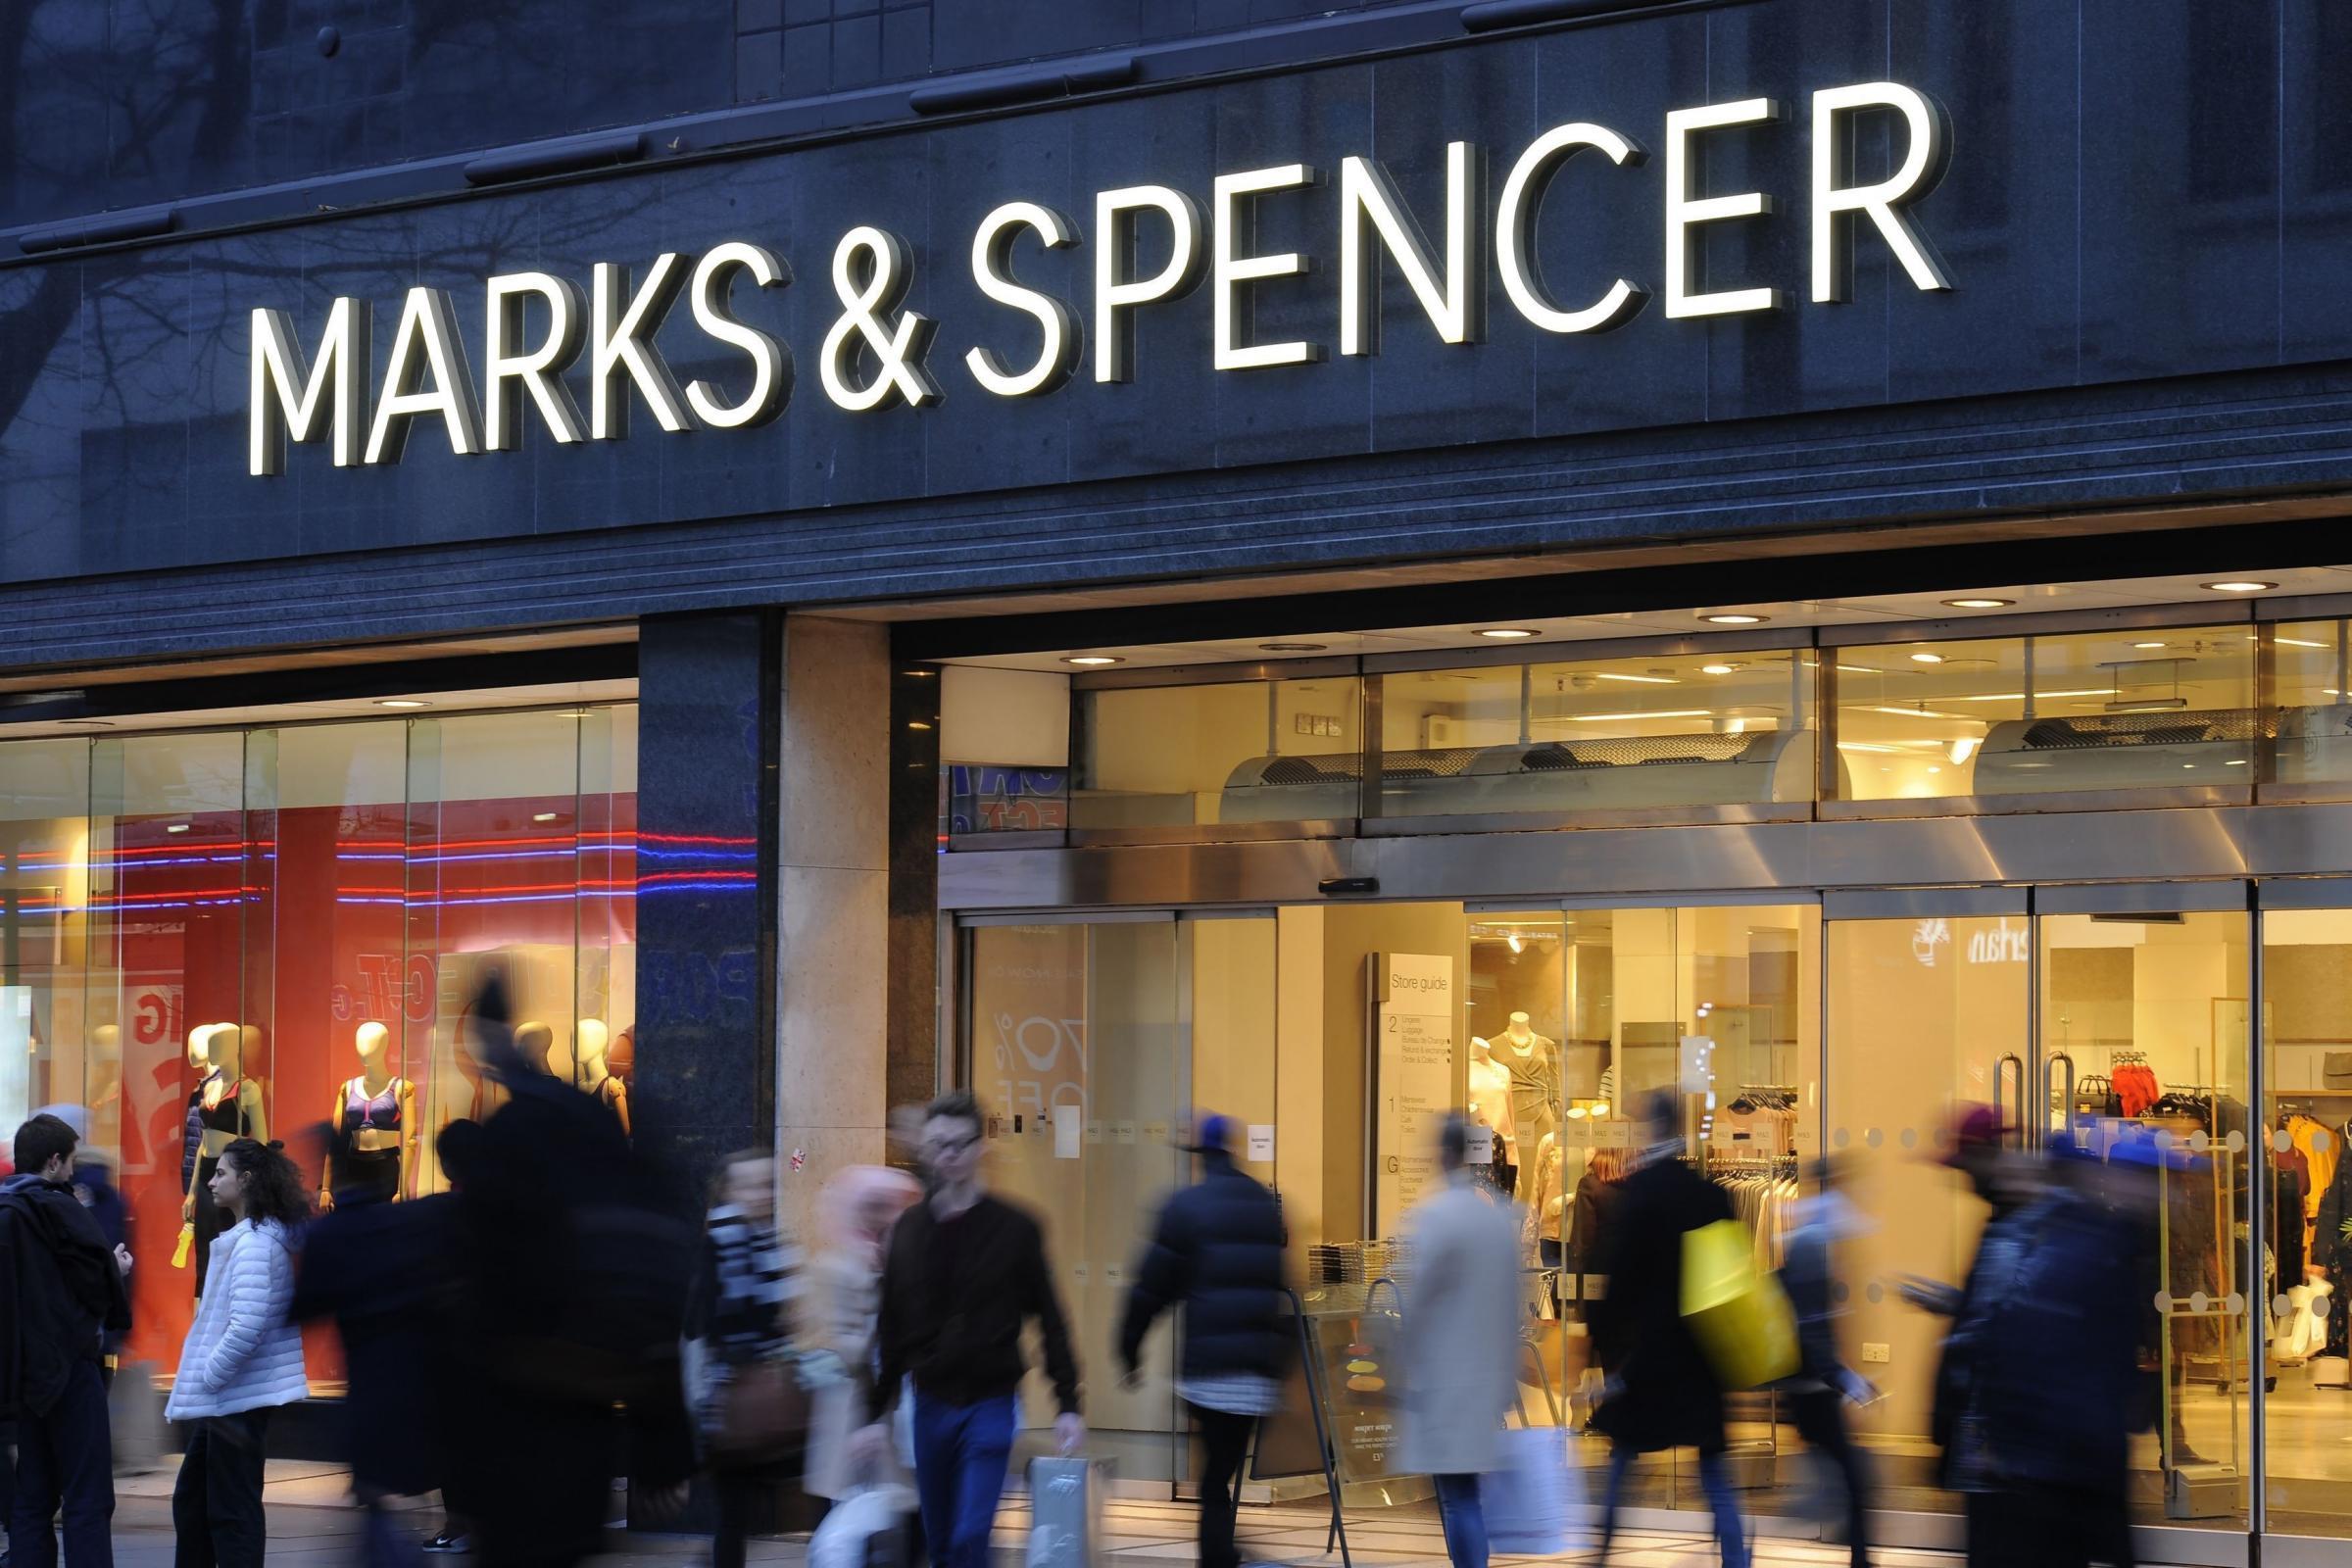 primark vs marks ans spencer We look at how the new aldi range fares against upmarket grocers marks & spencer.